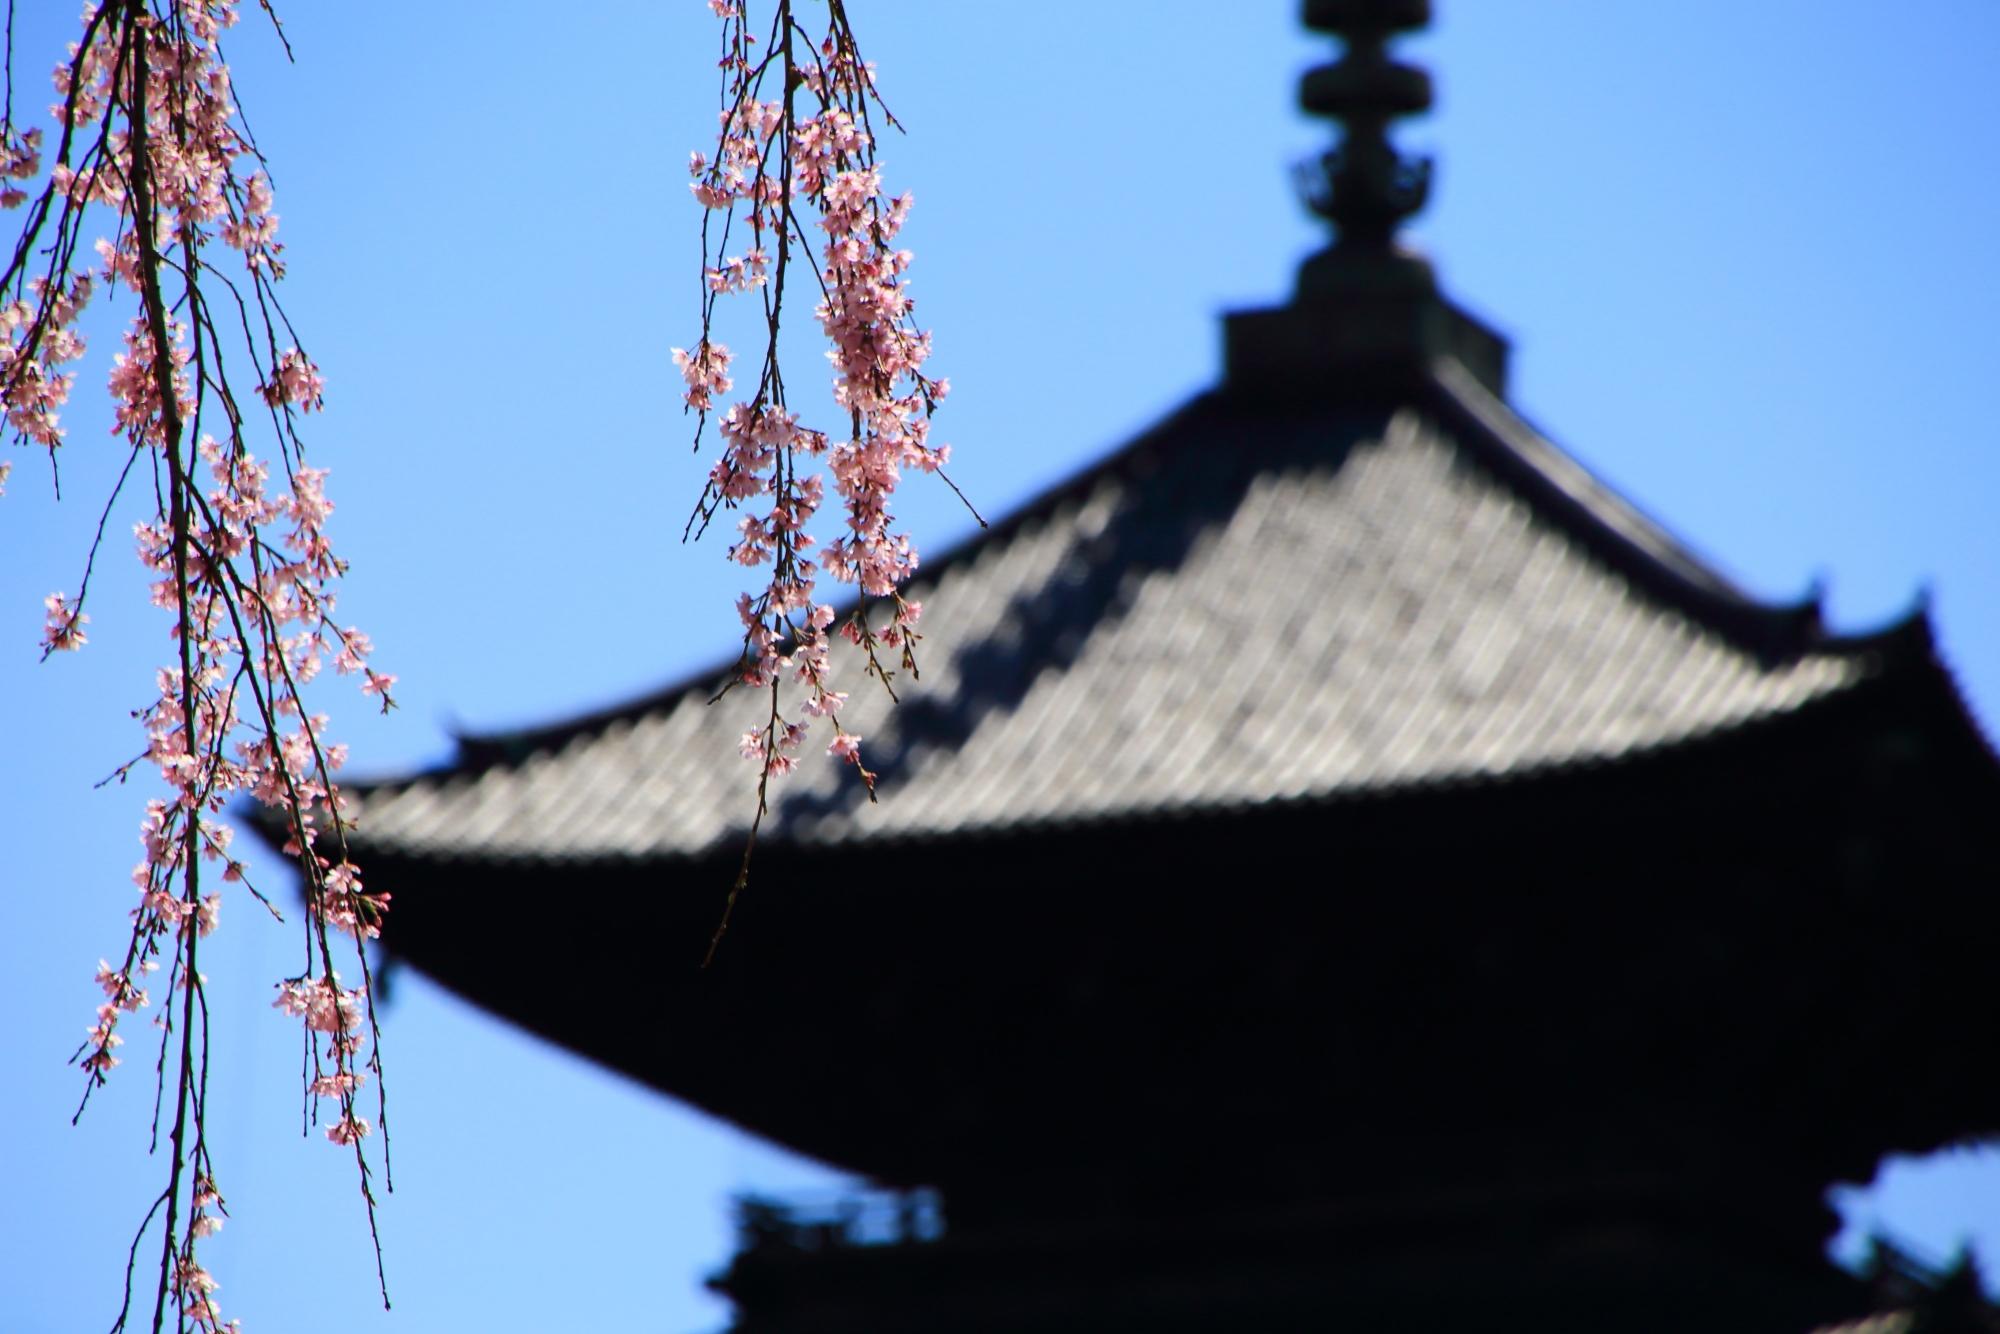 しなやかに揺らぐ枝と花